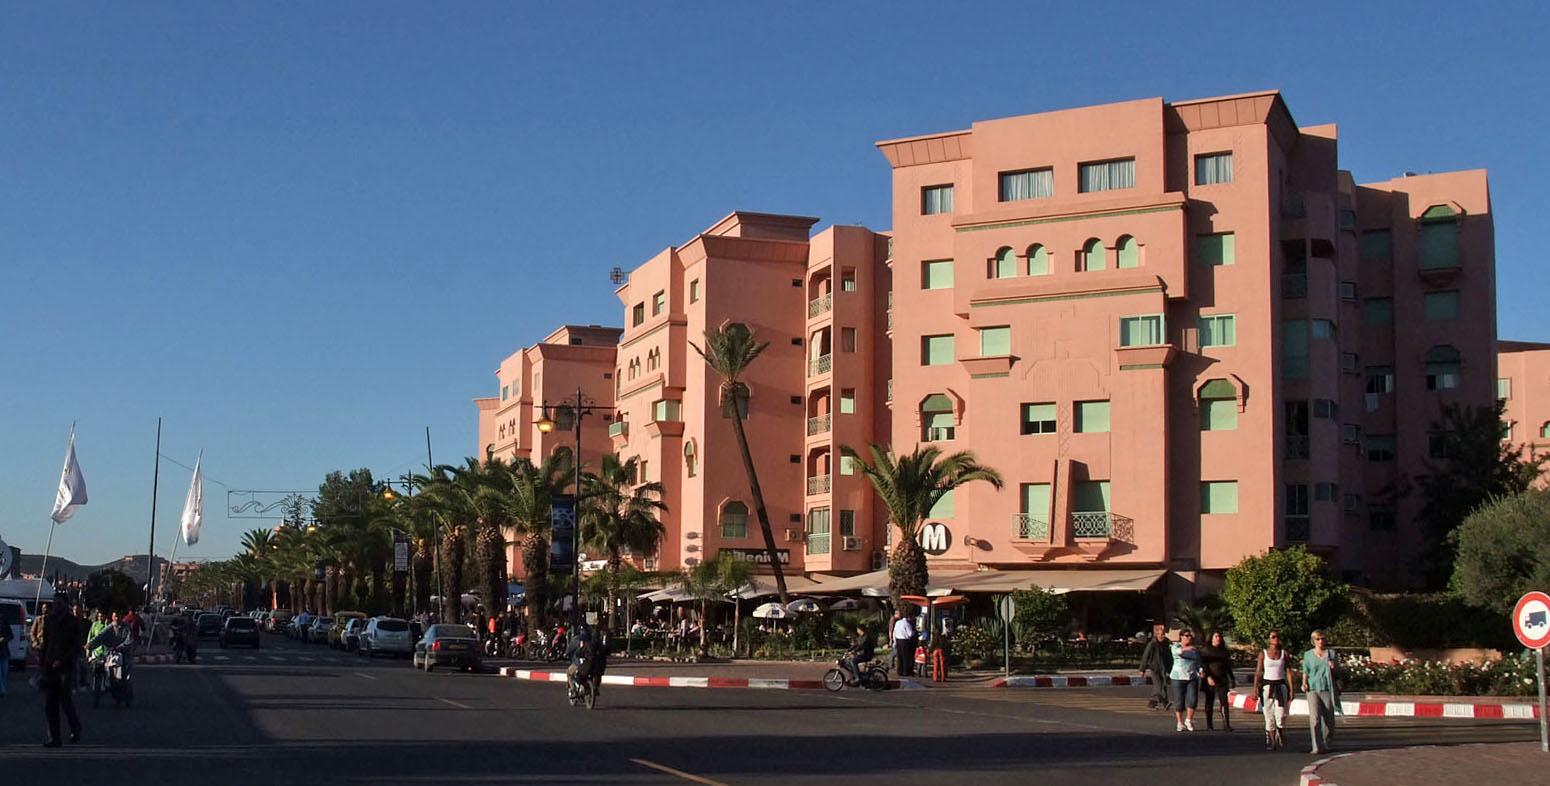 Quartiers modernes de Marrakech : Guéliz et Hivernage